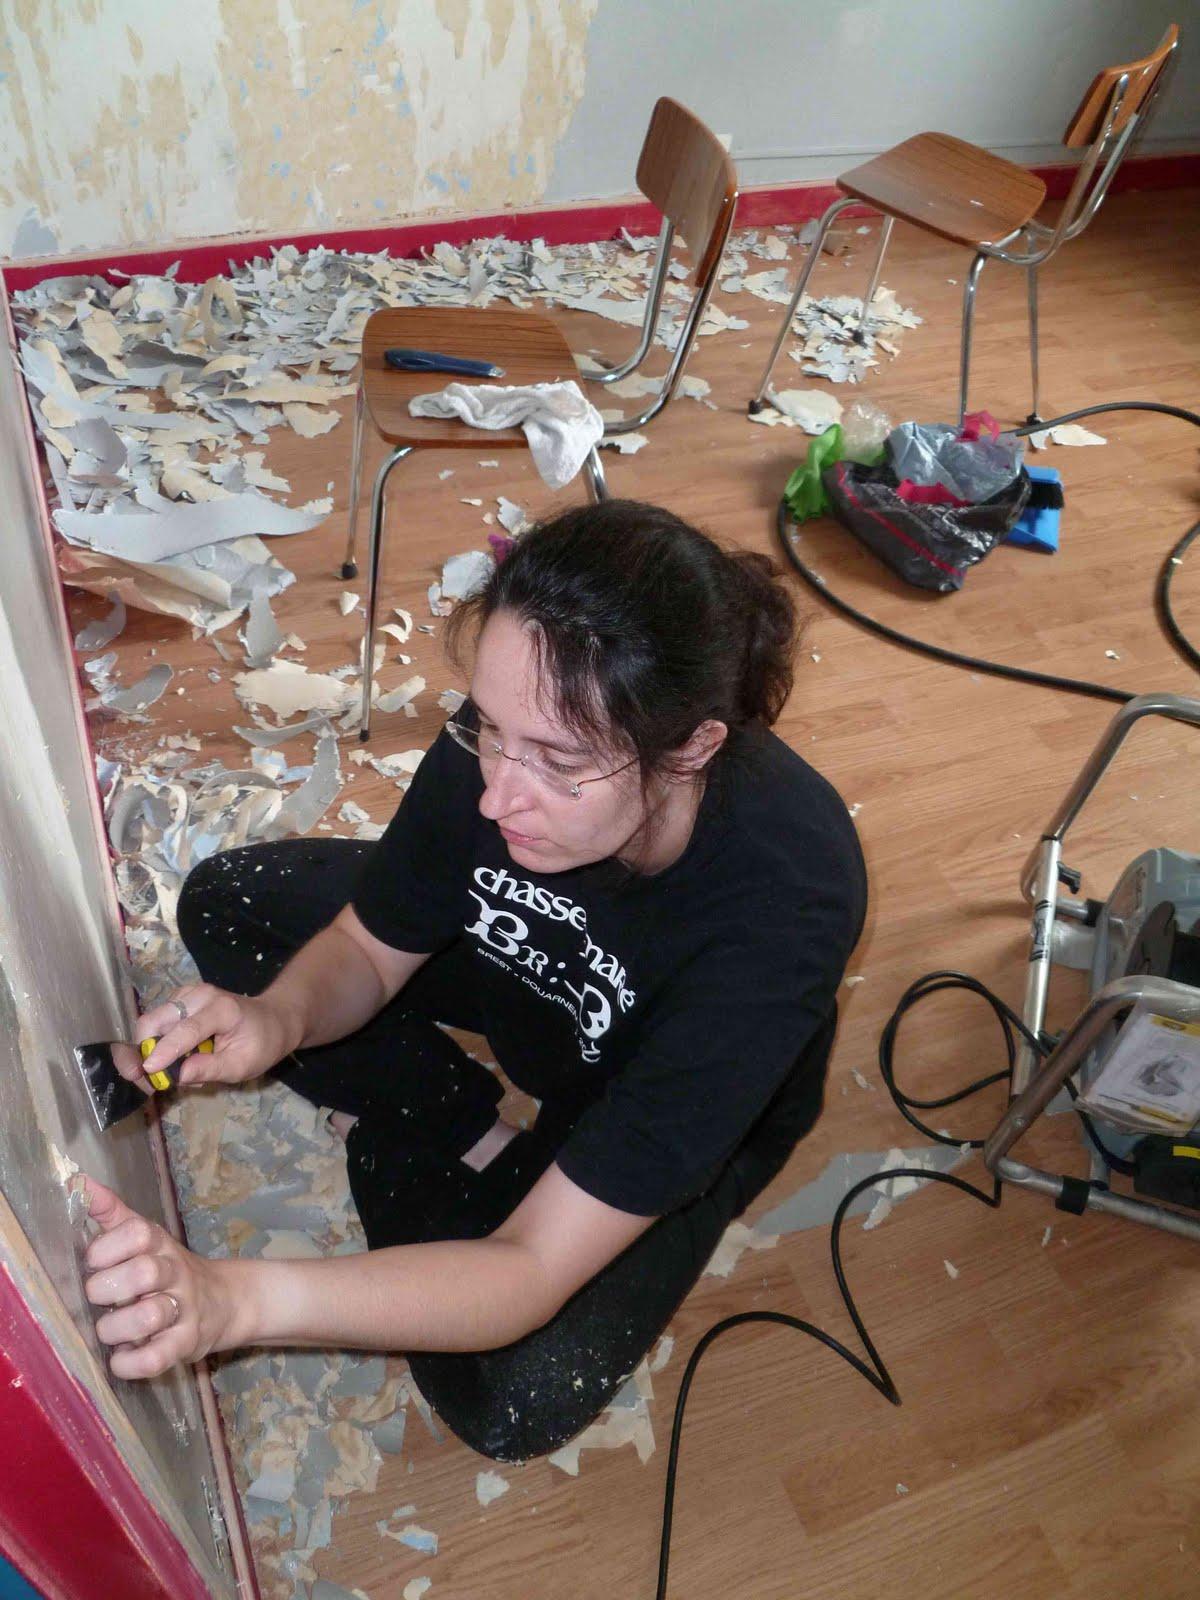 Maman mana maison travaux chapitre 2 - Enlever de la tapisserie facilement ...